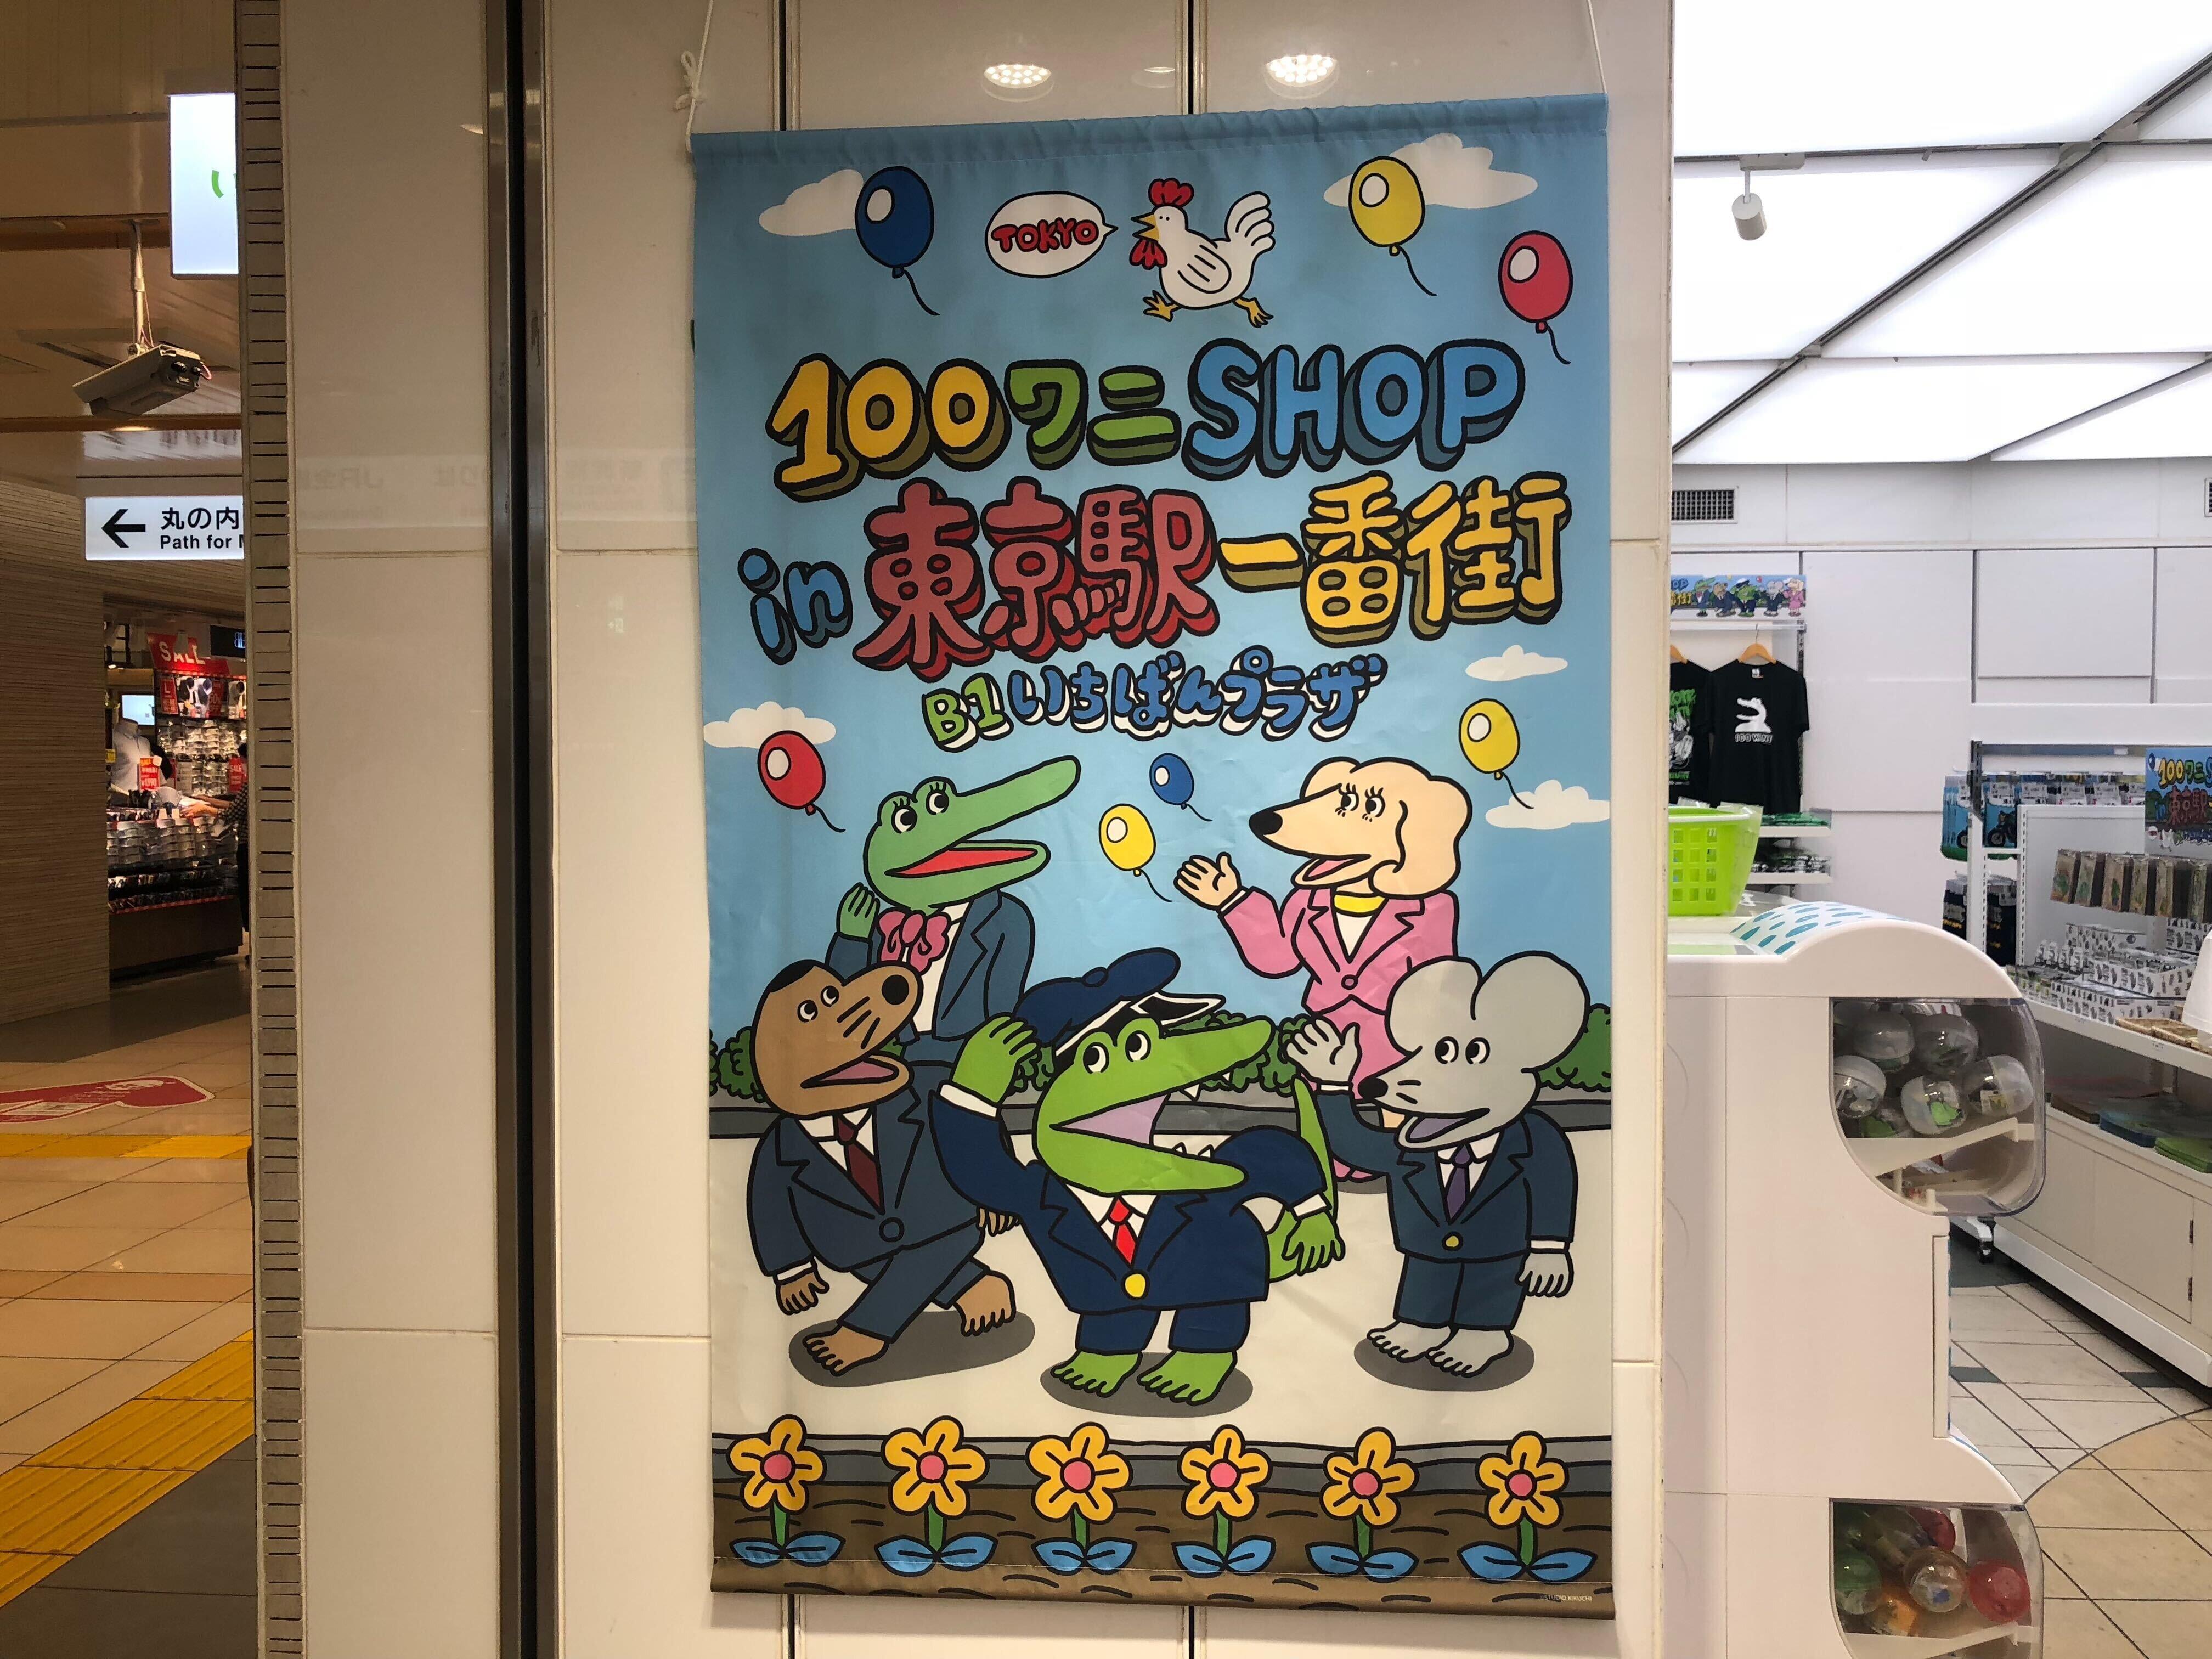 東京駅構内の至る所にワニショップの広告を見かけた